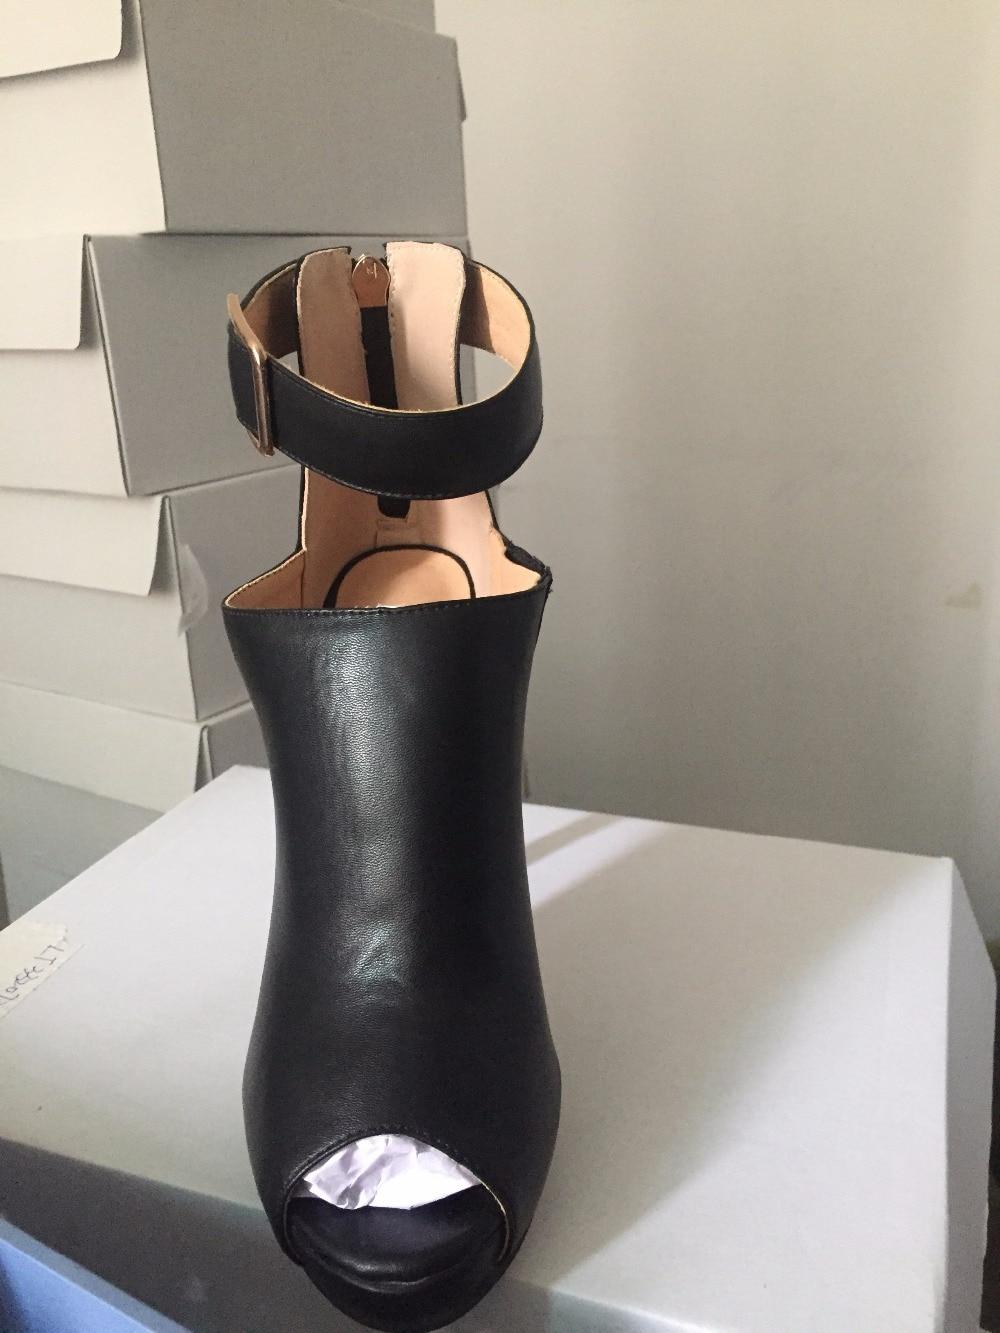 Toe Peep Alto Botines 2017 Calidad Fiesta Hebilla De outs Cut Zapatos Alta Botas Mujer Tacón Mujeres Correa Vestidos w08PA